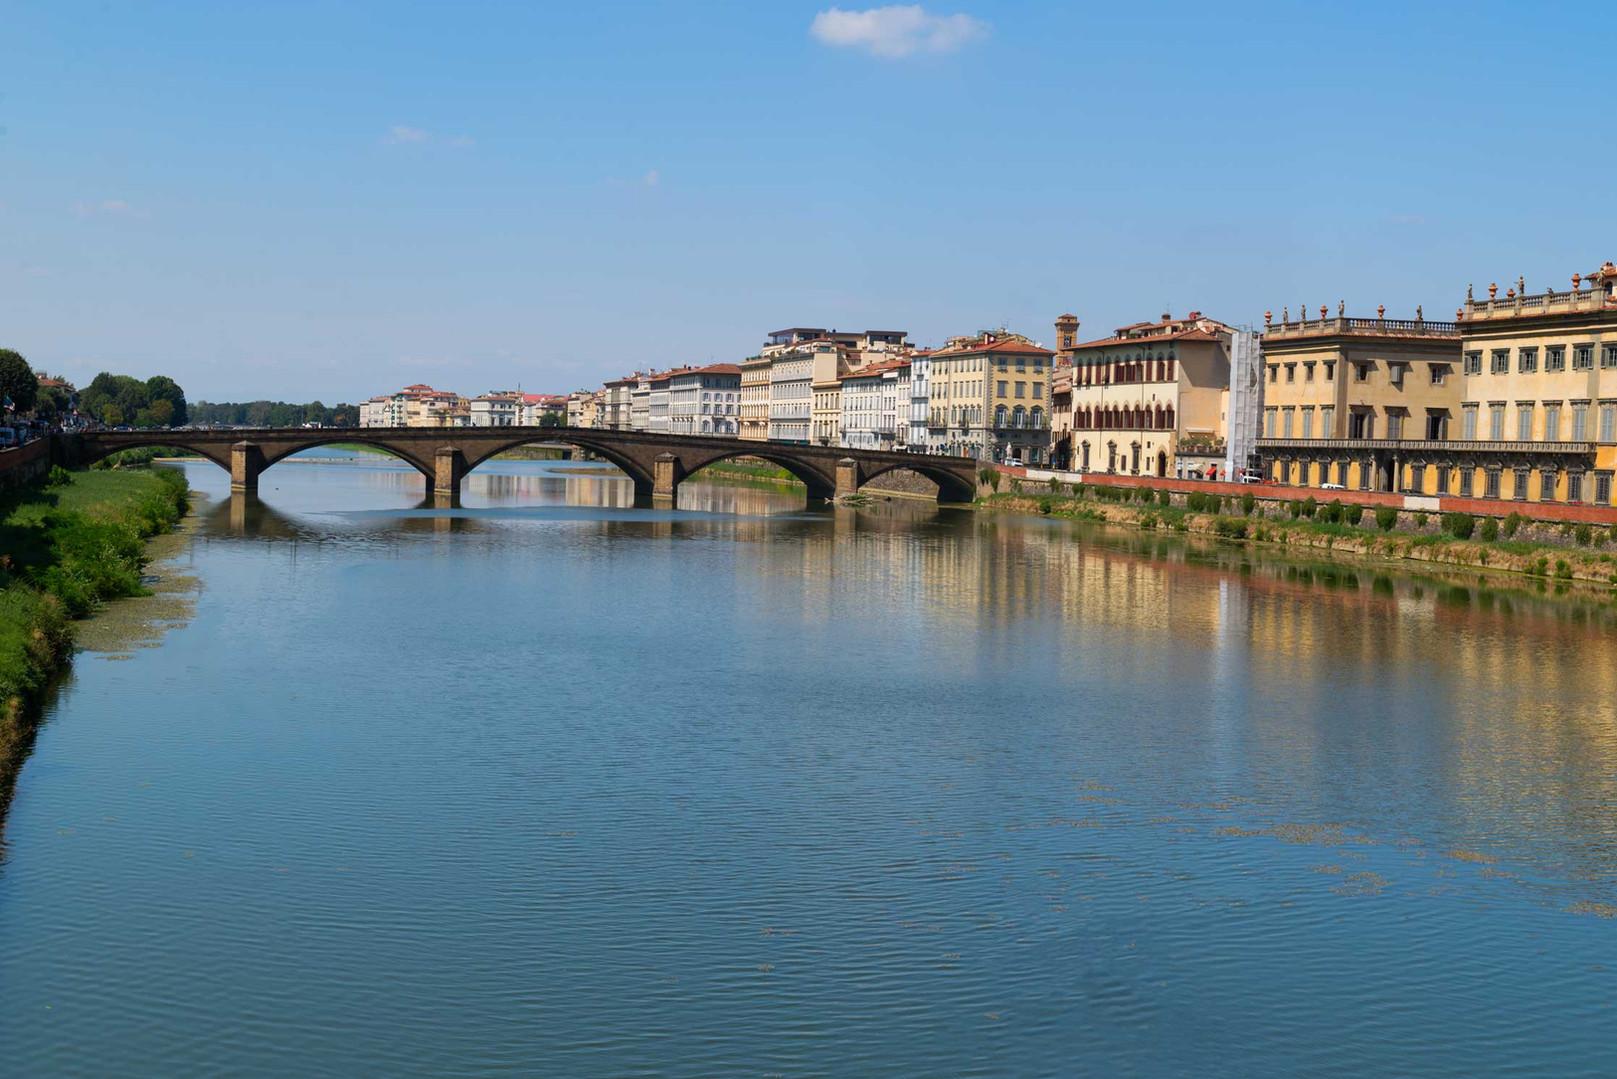 freepik-travel-italy-arno-river-with-pon